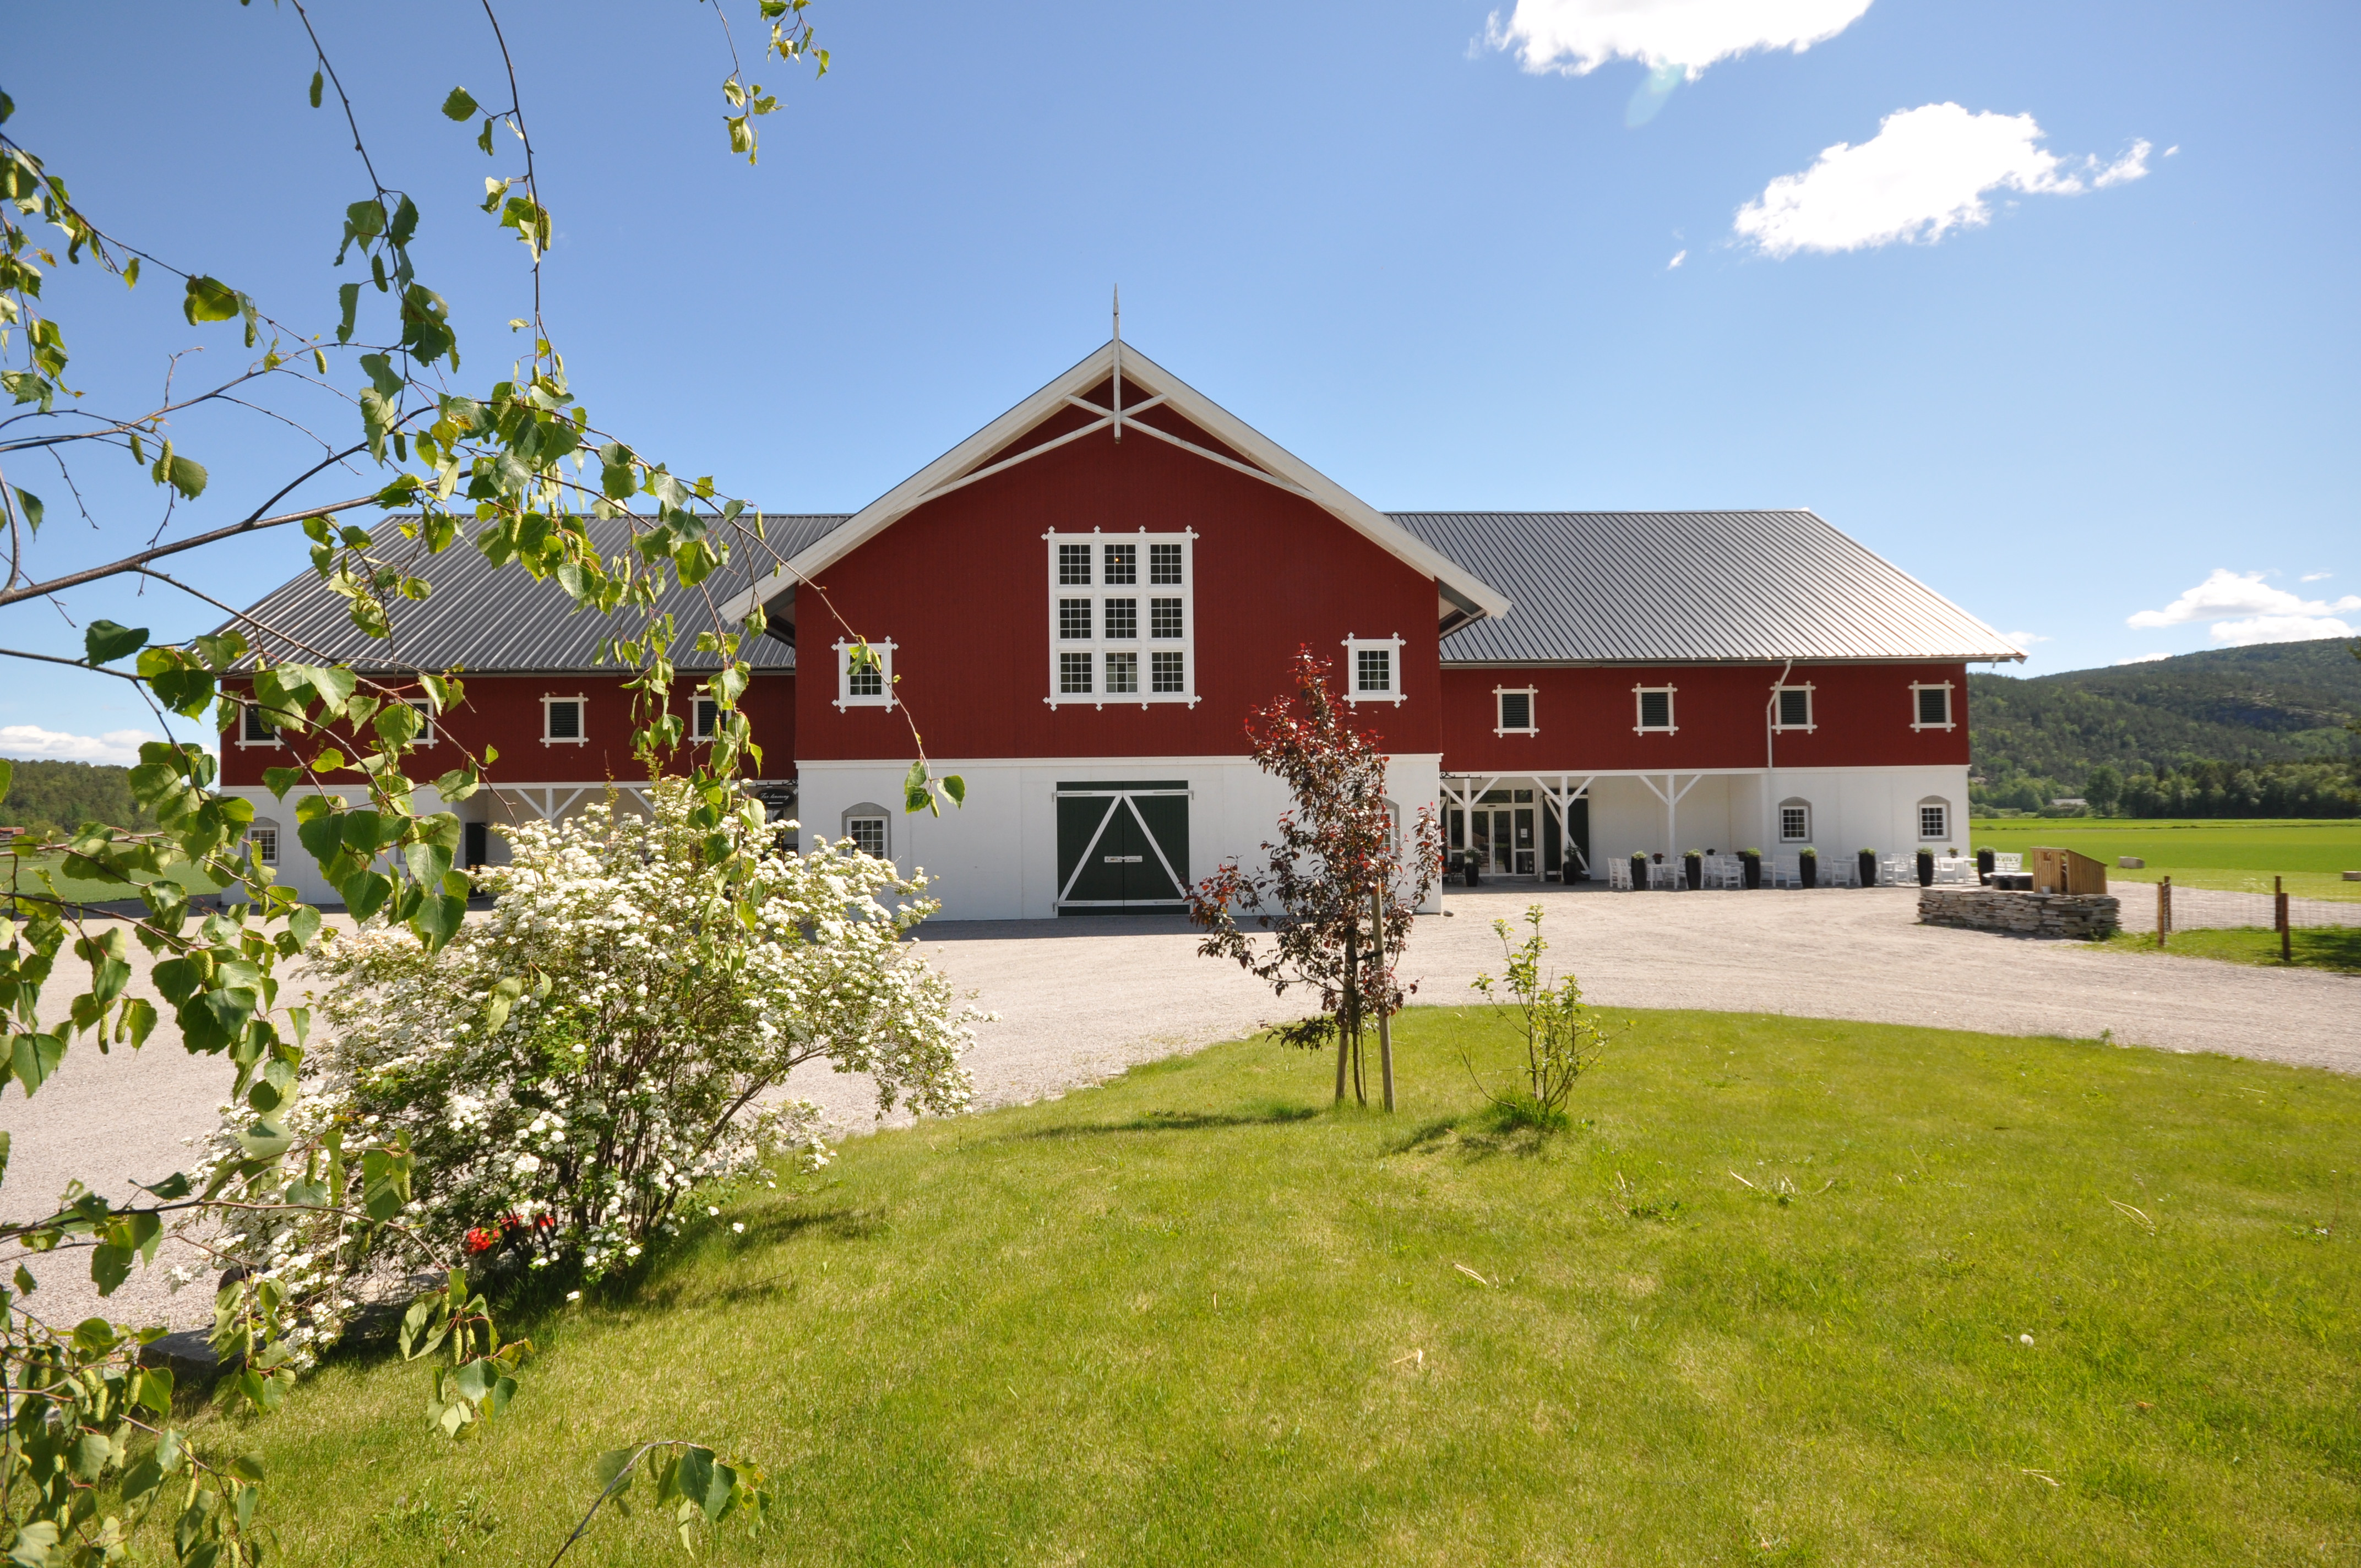 Åbø Gård med økologisk dagligvare, kunstgalleri og andelsgård., © Åbø Gård